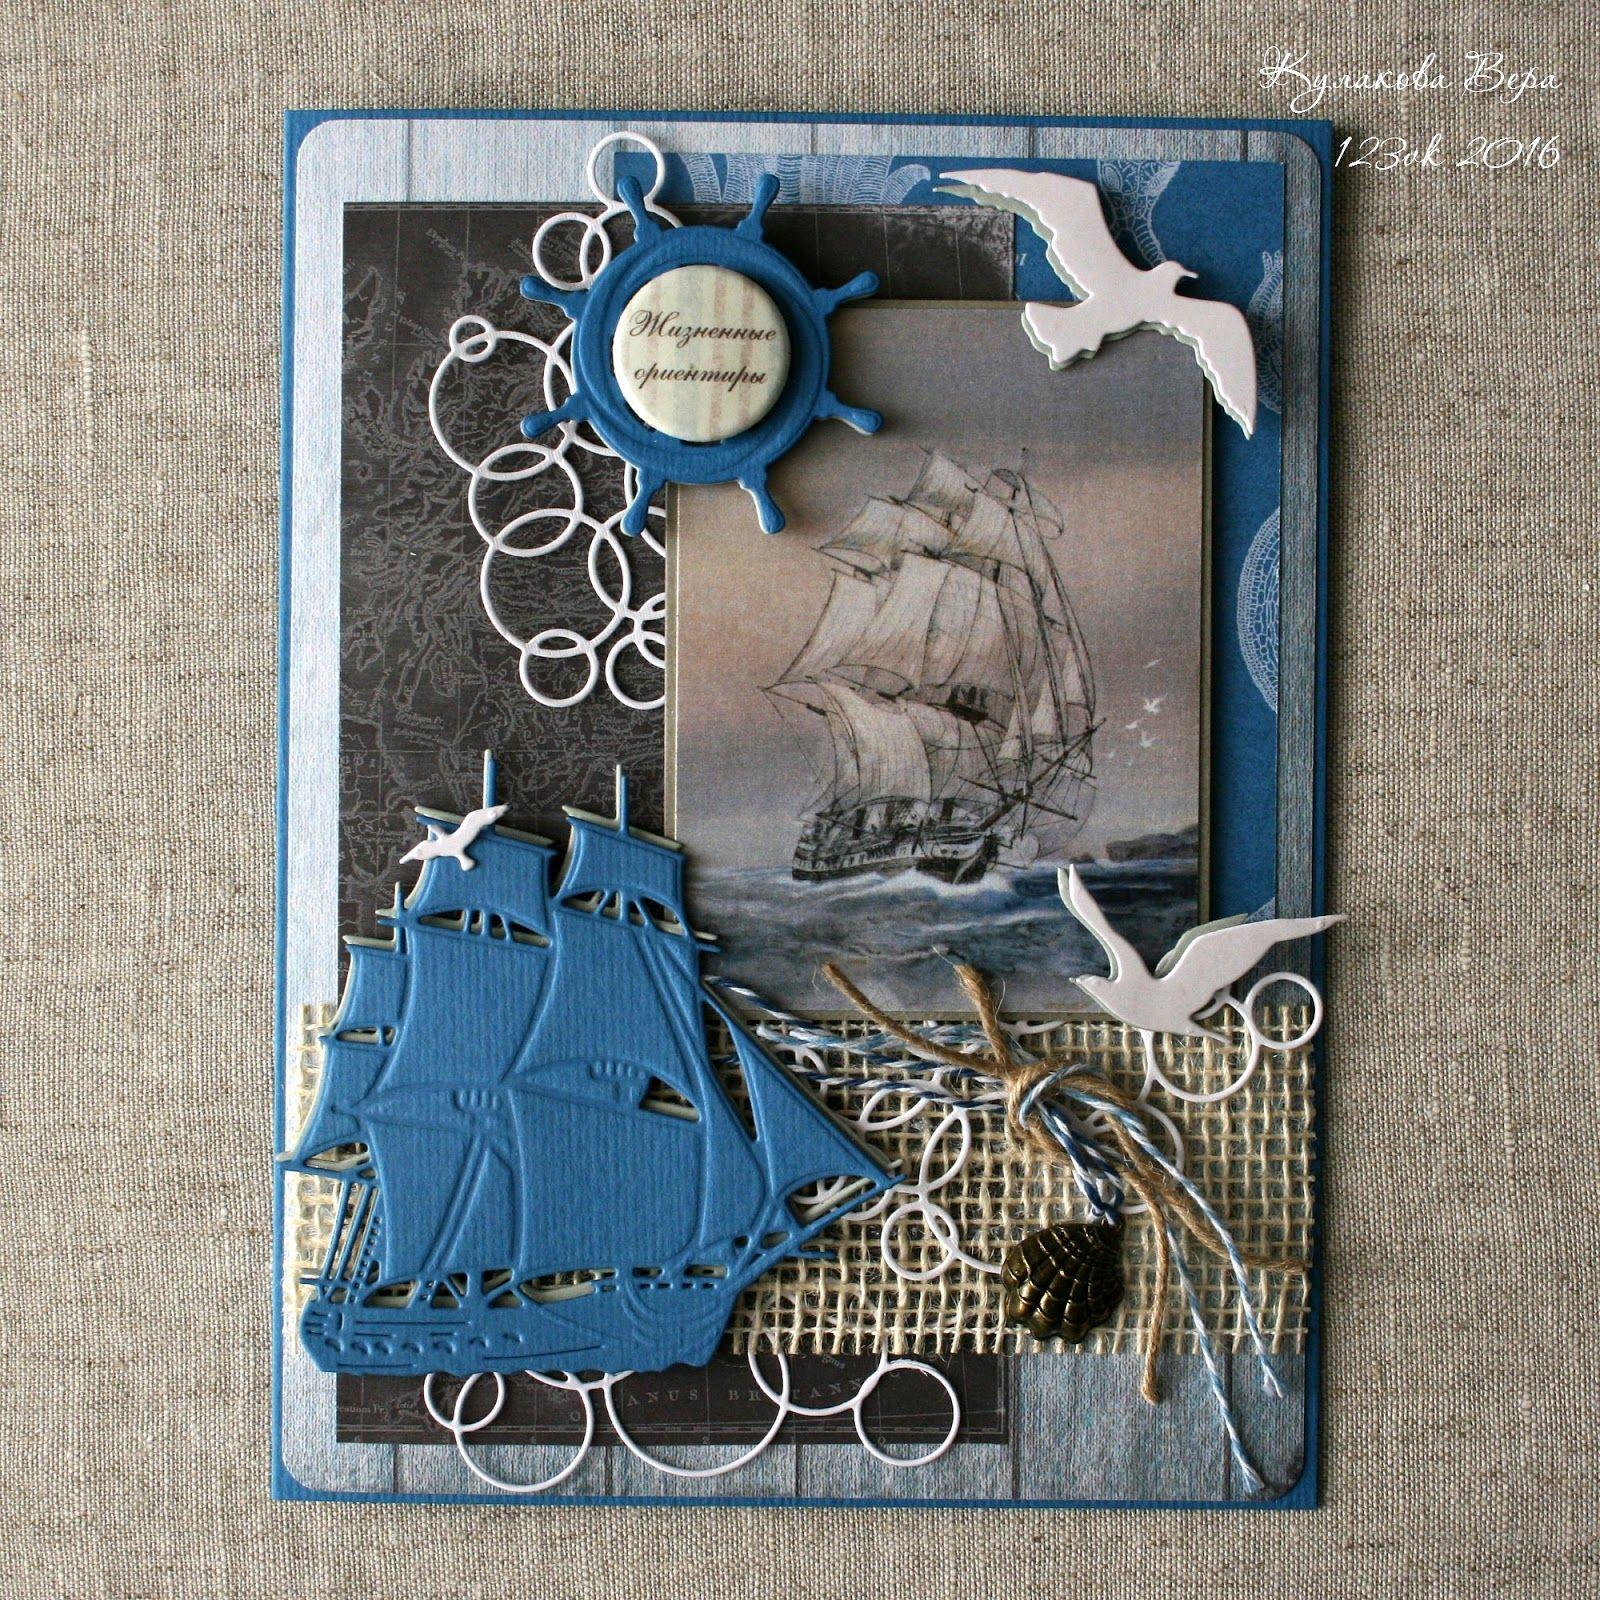 добрые стильная мужская открытка скрапбукинг морская тематика джеймсу служат старые